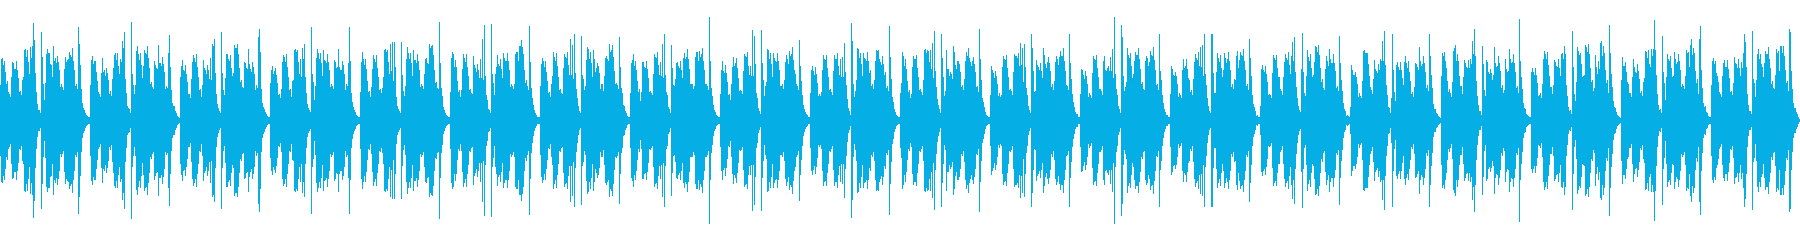 [和太鼓二重奏]盆踊りの大太鼓02の再生済みの波形